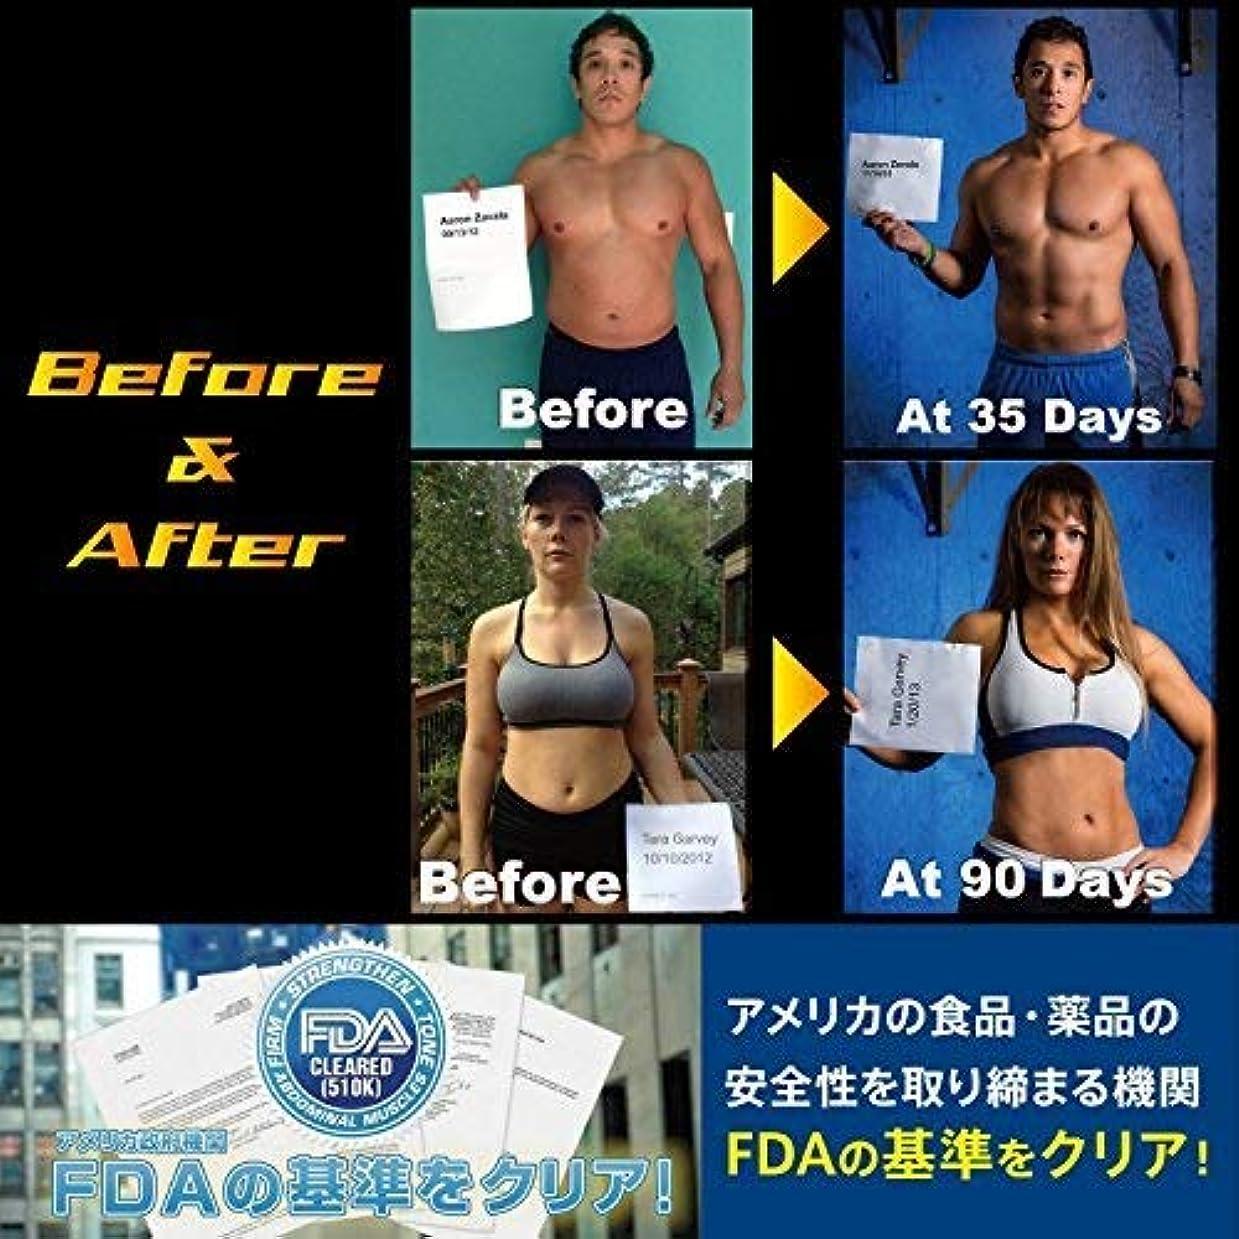 たっぷり剥ぎ取る消去138 BUTTERFLYABS(バタフライアブス) ダイエット 腹筋 器具 EMS 10段階調整 6プログラム 1分間に420